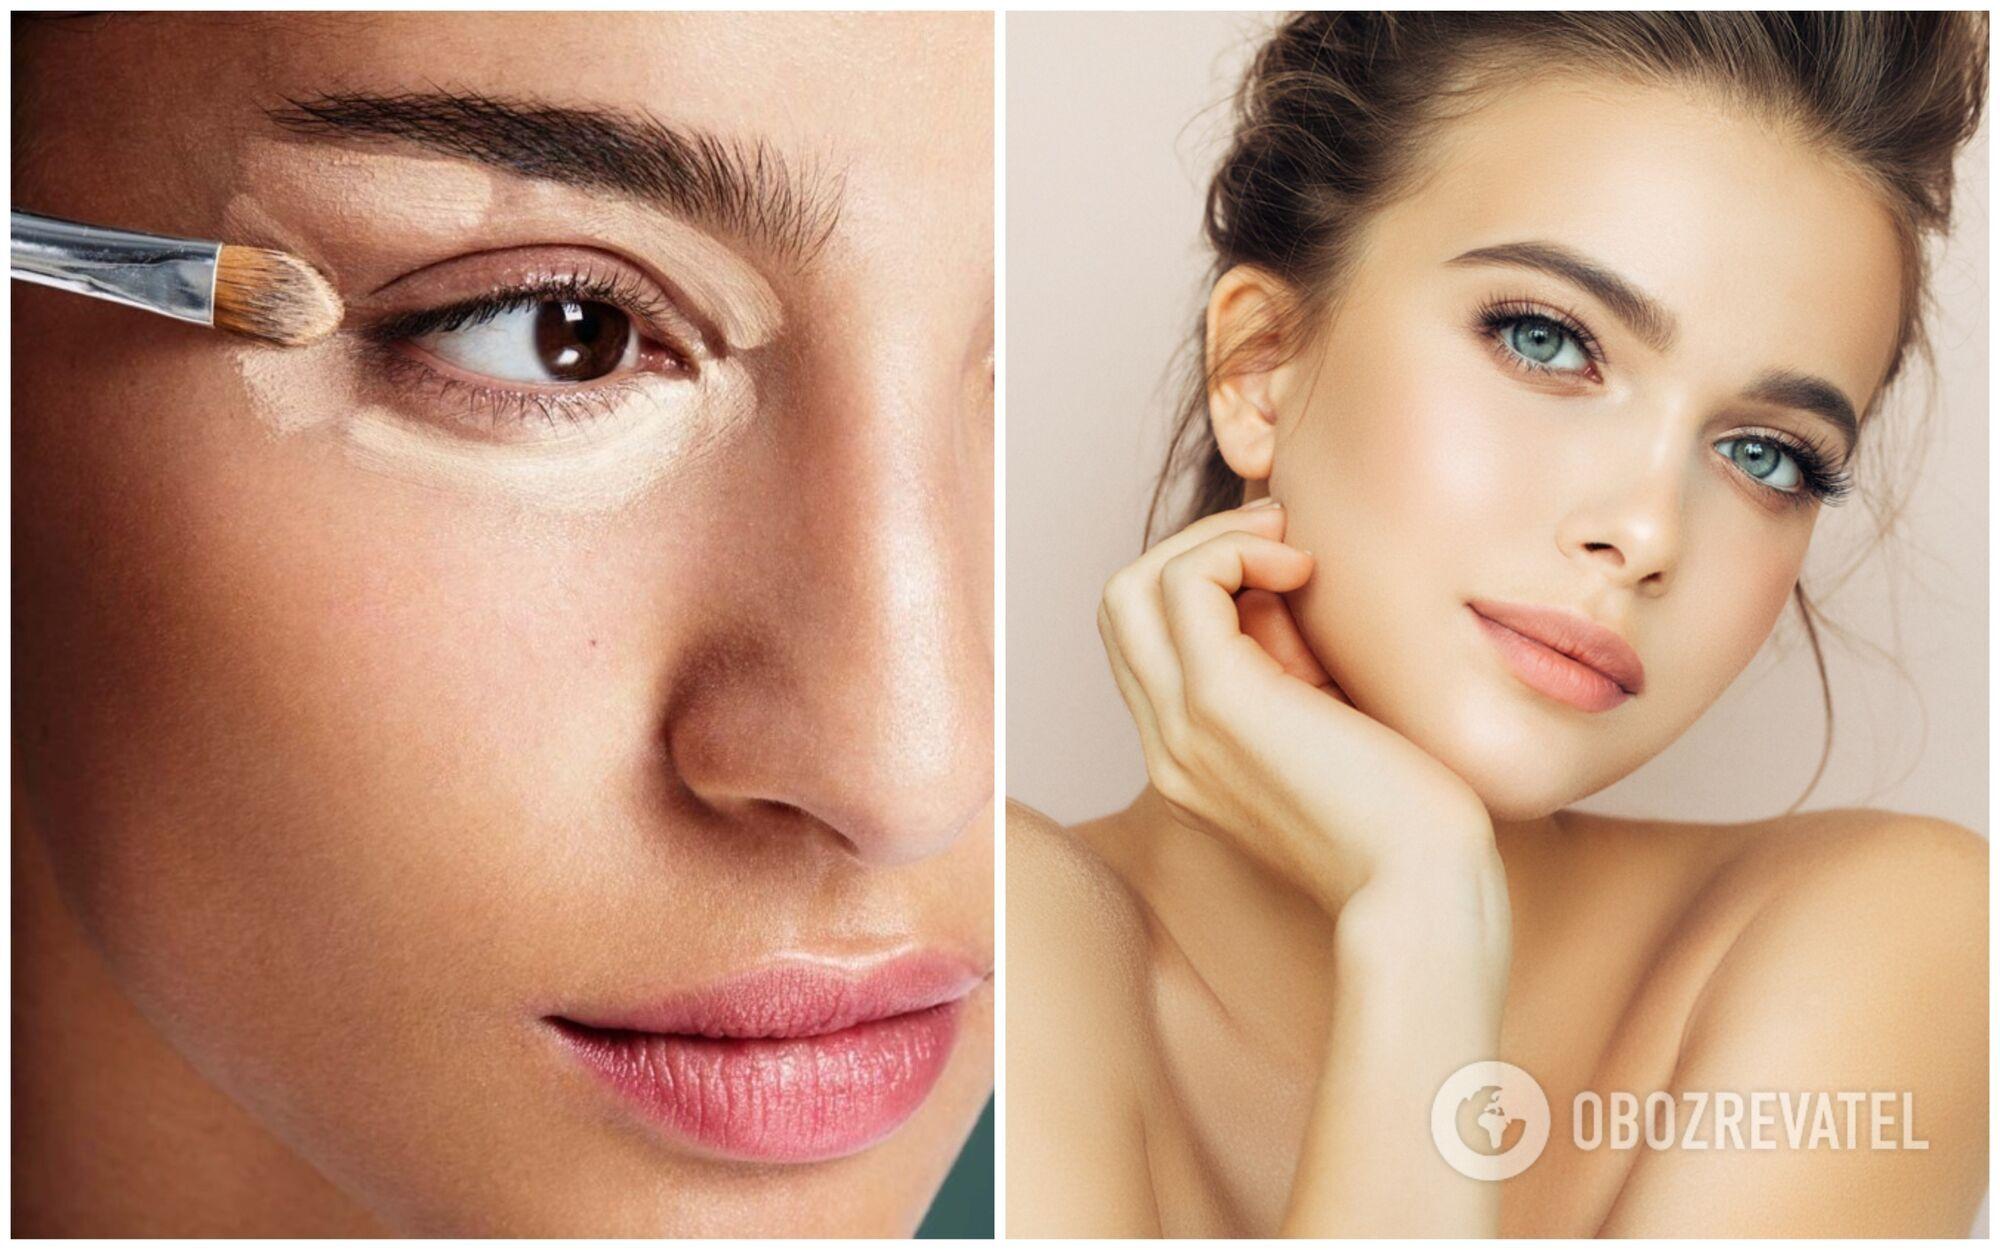 Чтобы не было конфузов, лучше использовать консилер под глаза одного оттенка с тональным кремом